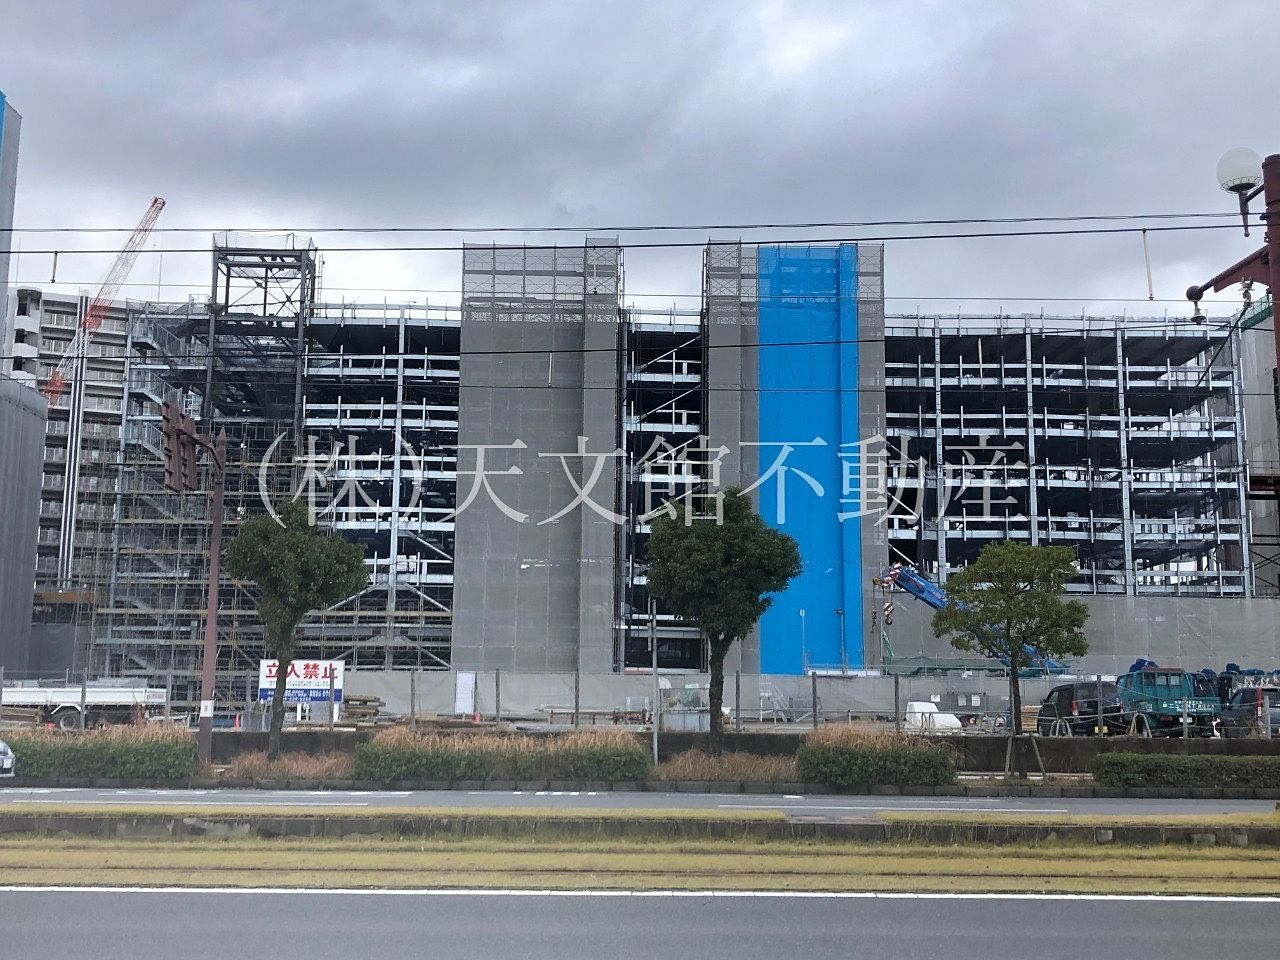 鹿児島市高麗町「旧鹿児島交通局」が「キラメキテラス」になりシェラトンホテルも出来ます。